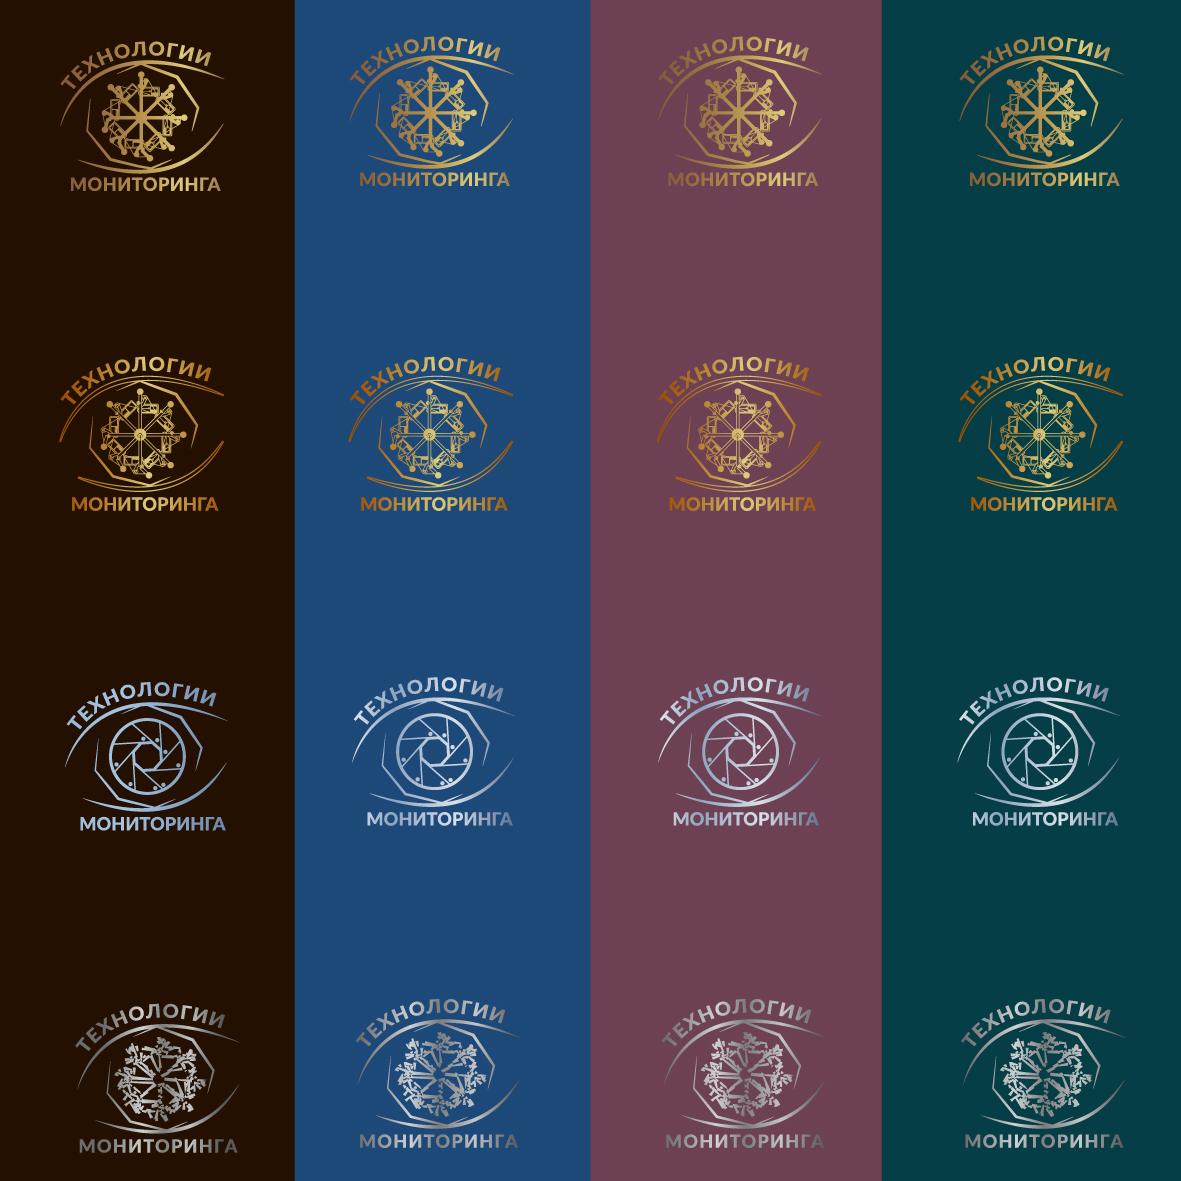 Разработка логотипа фото f_8855976a597cdc9f.jpg